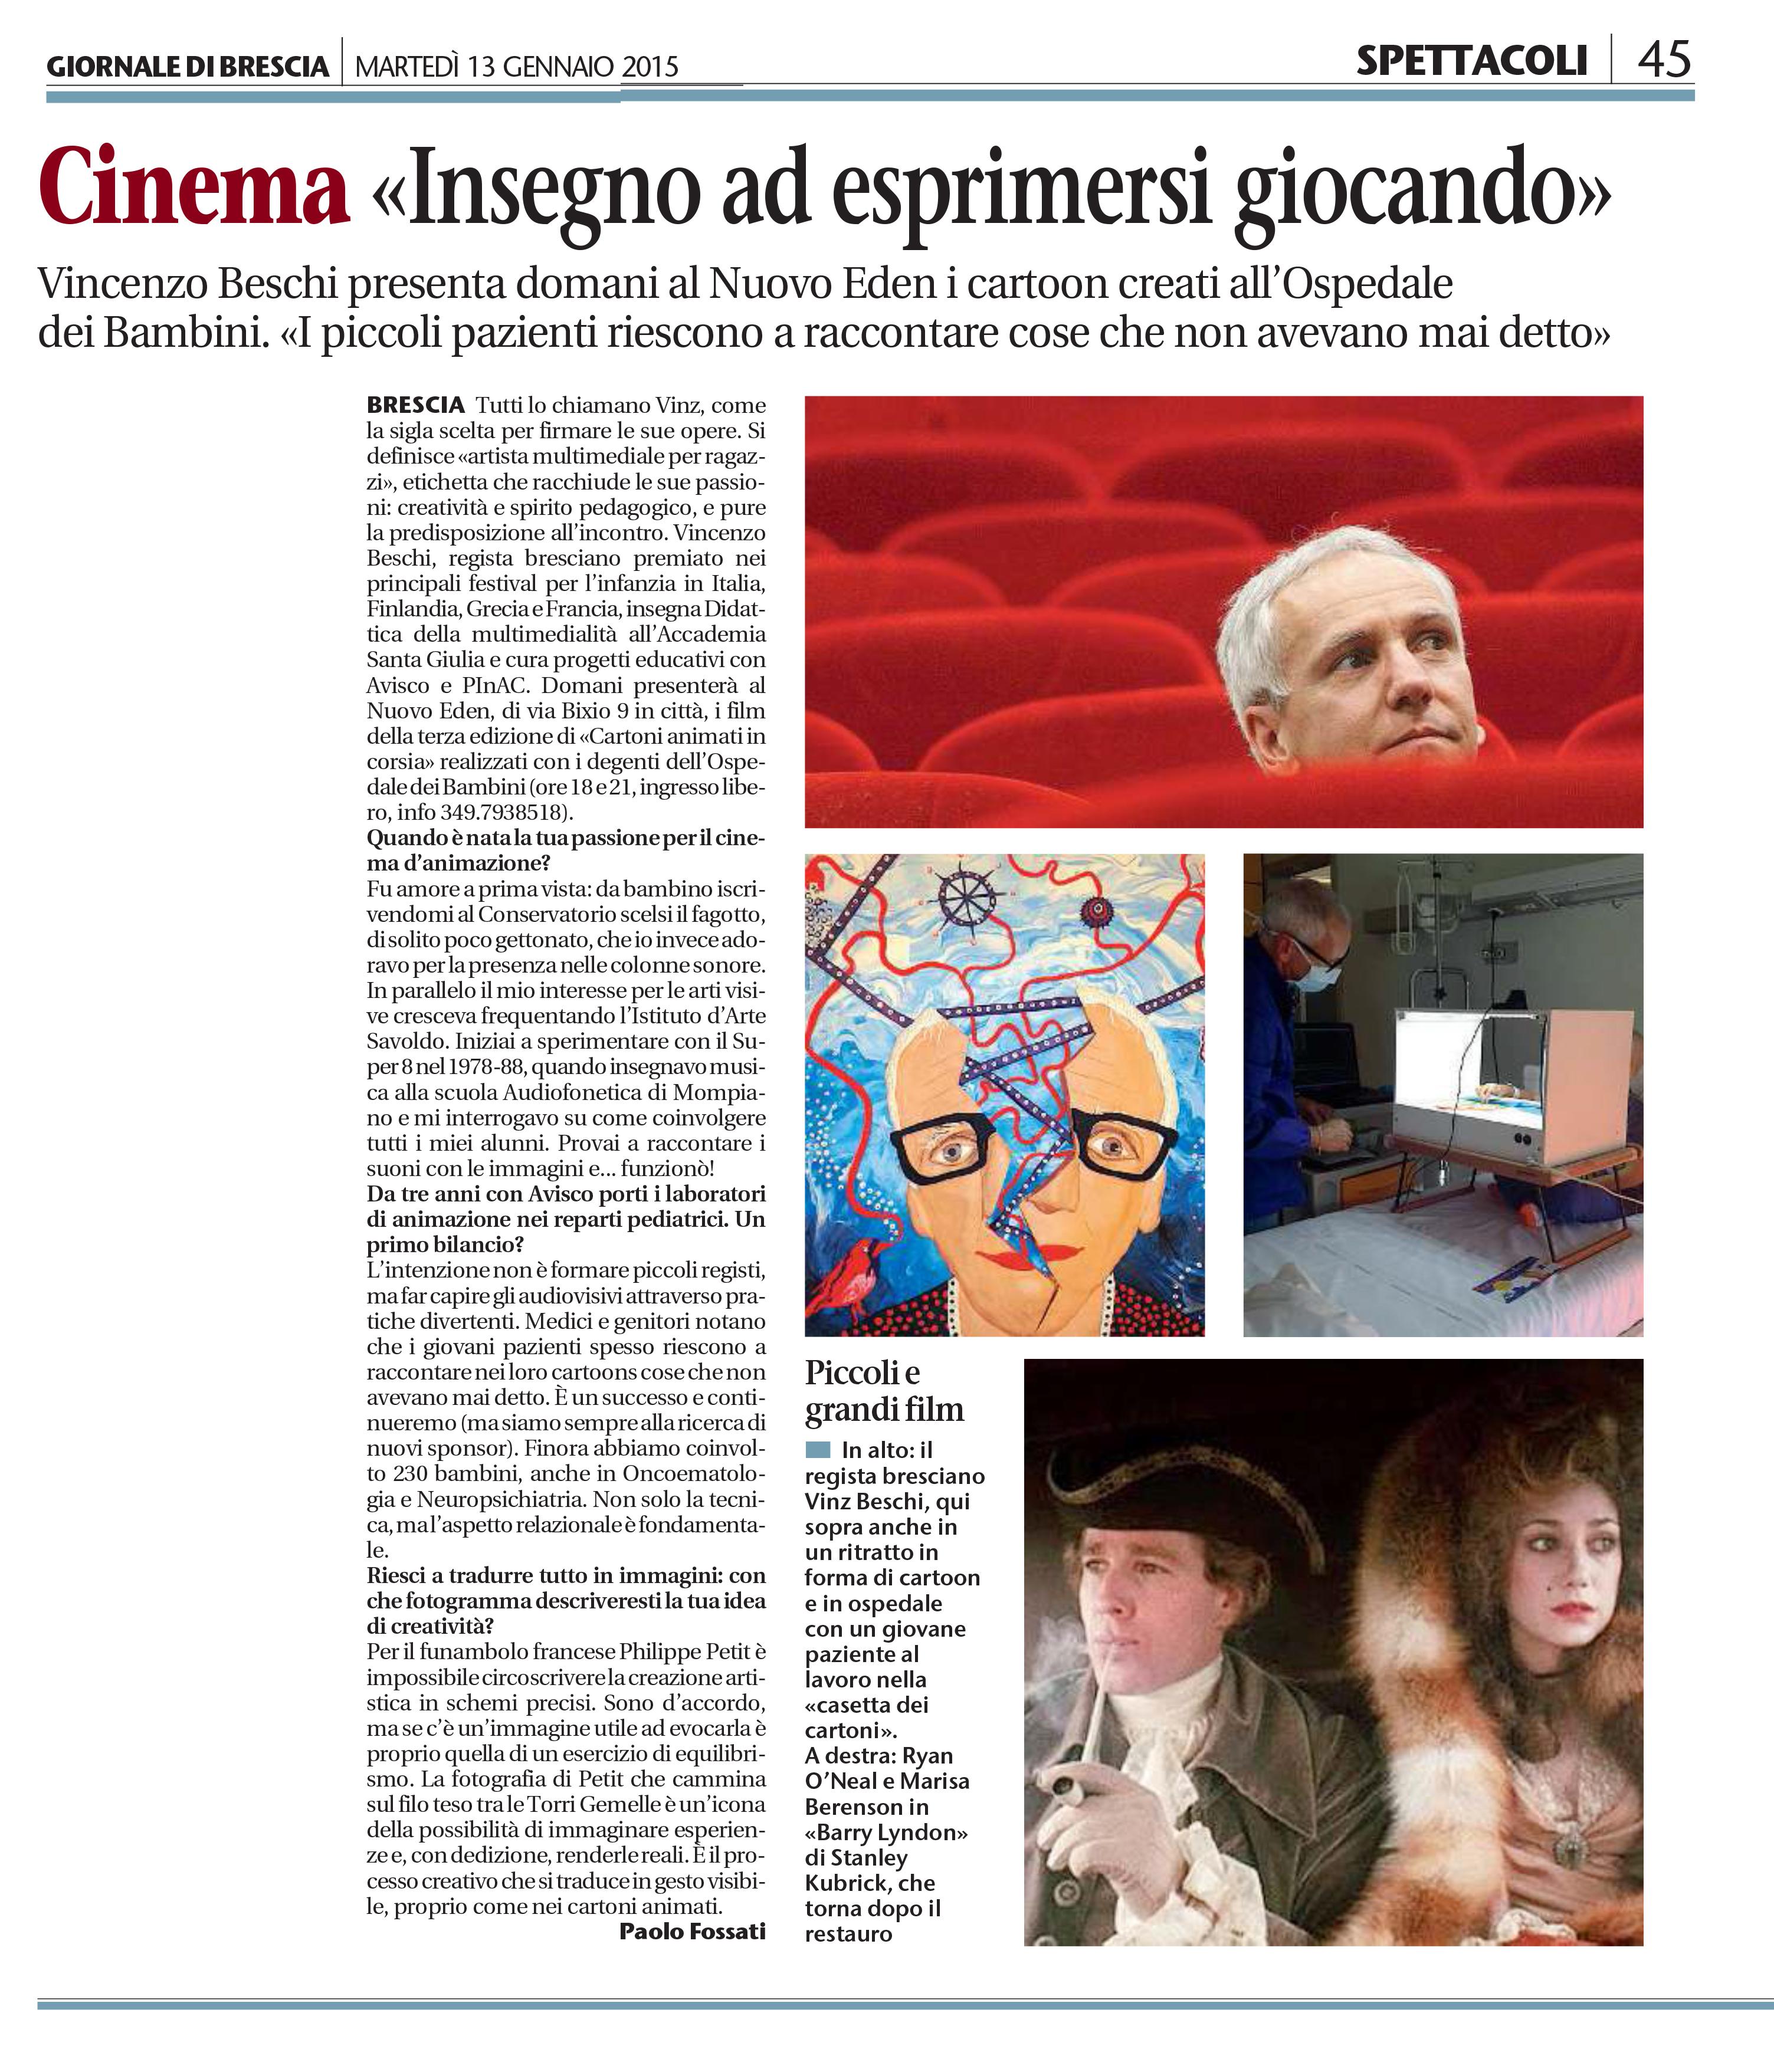 Articolo di Paolo Fossati